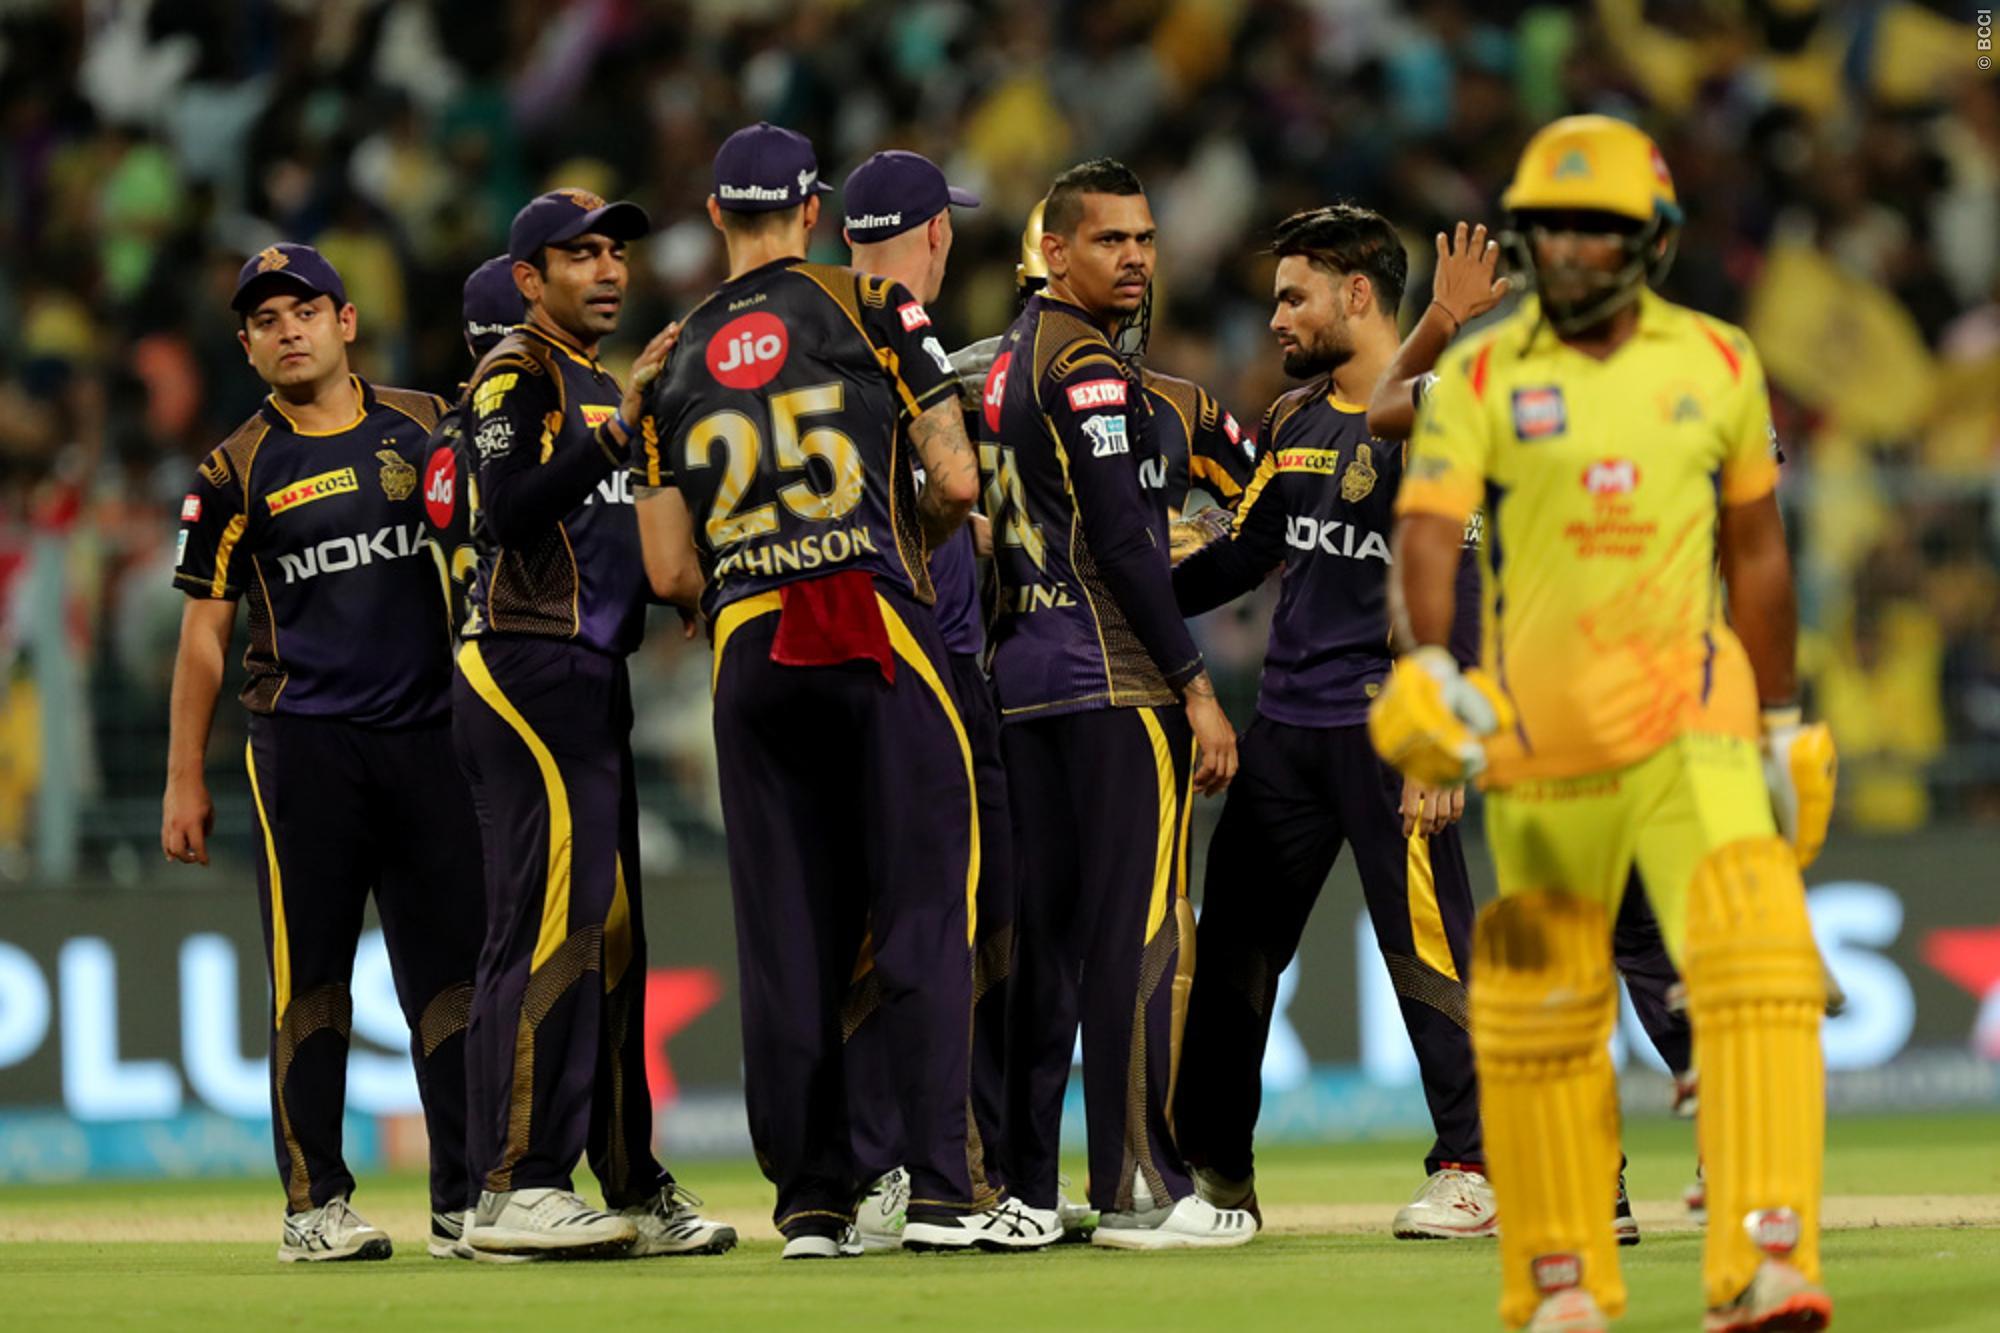 IPL 2018: शुभमन गिल की पारी नहीं बल्कि धोनी के इस साथी खिलाड़ी की वजह से हारी चेन्नई सुपर किंग्स 17